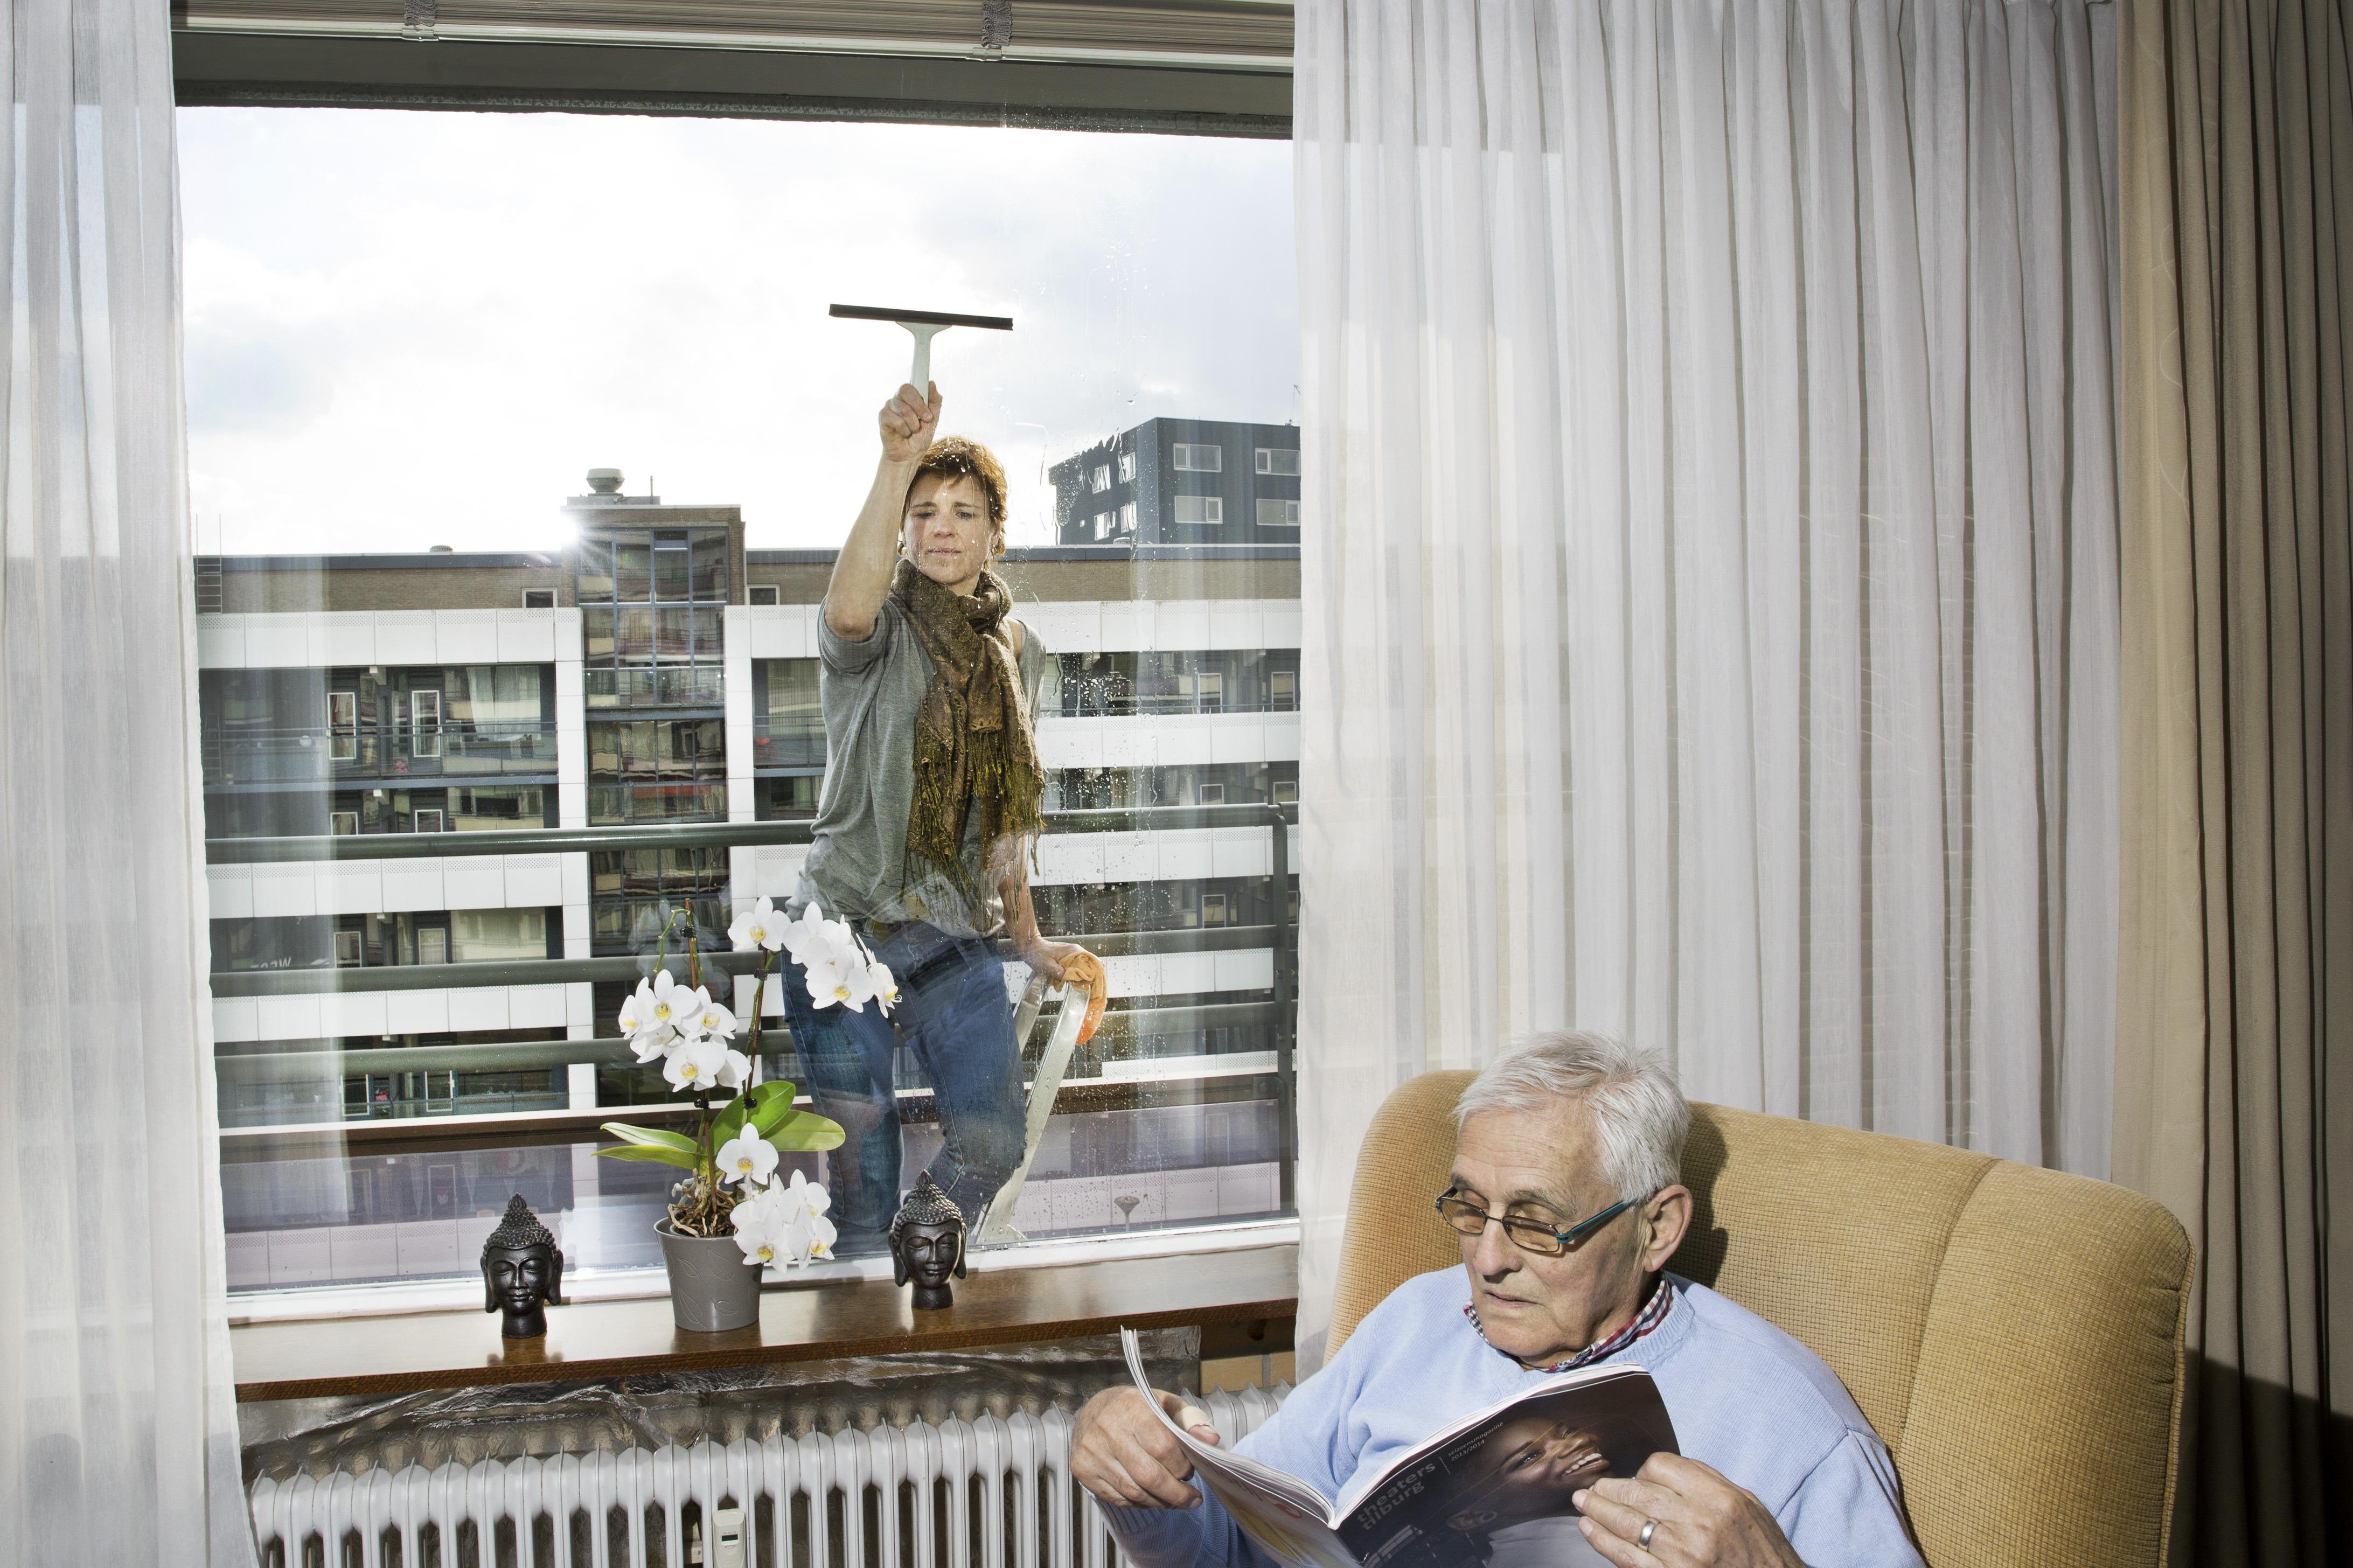 Zorgorganisaties luiden de noodklok: Ernstige woningnood voor ouderen dreigt